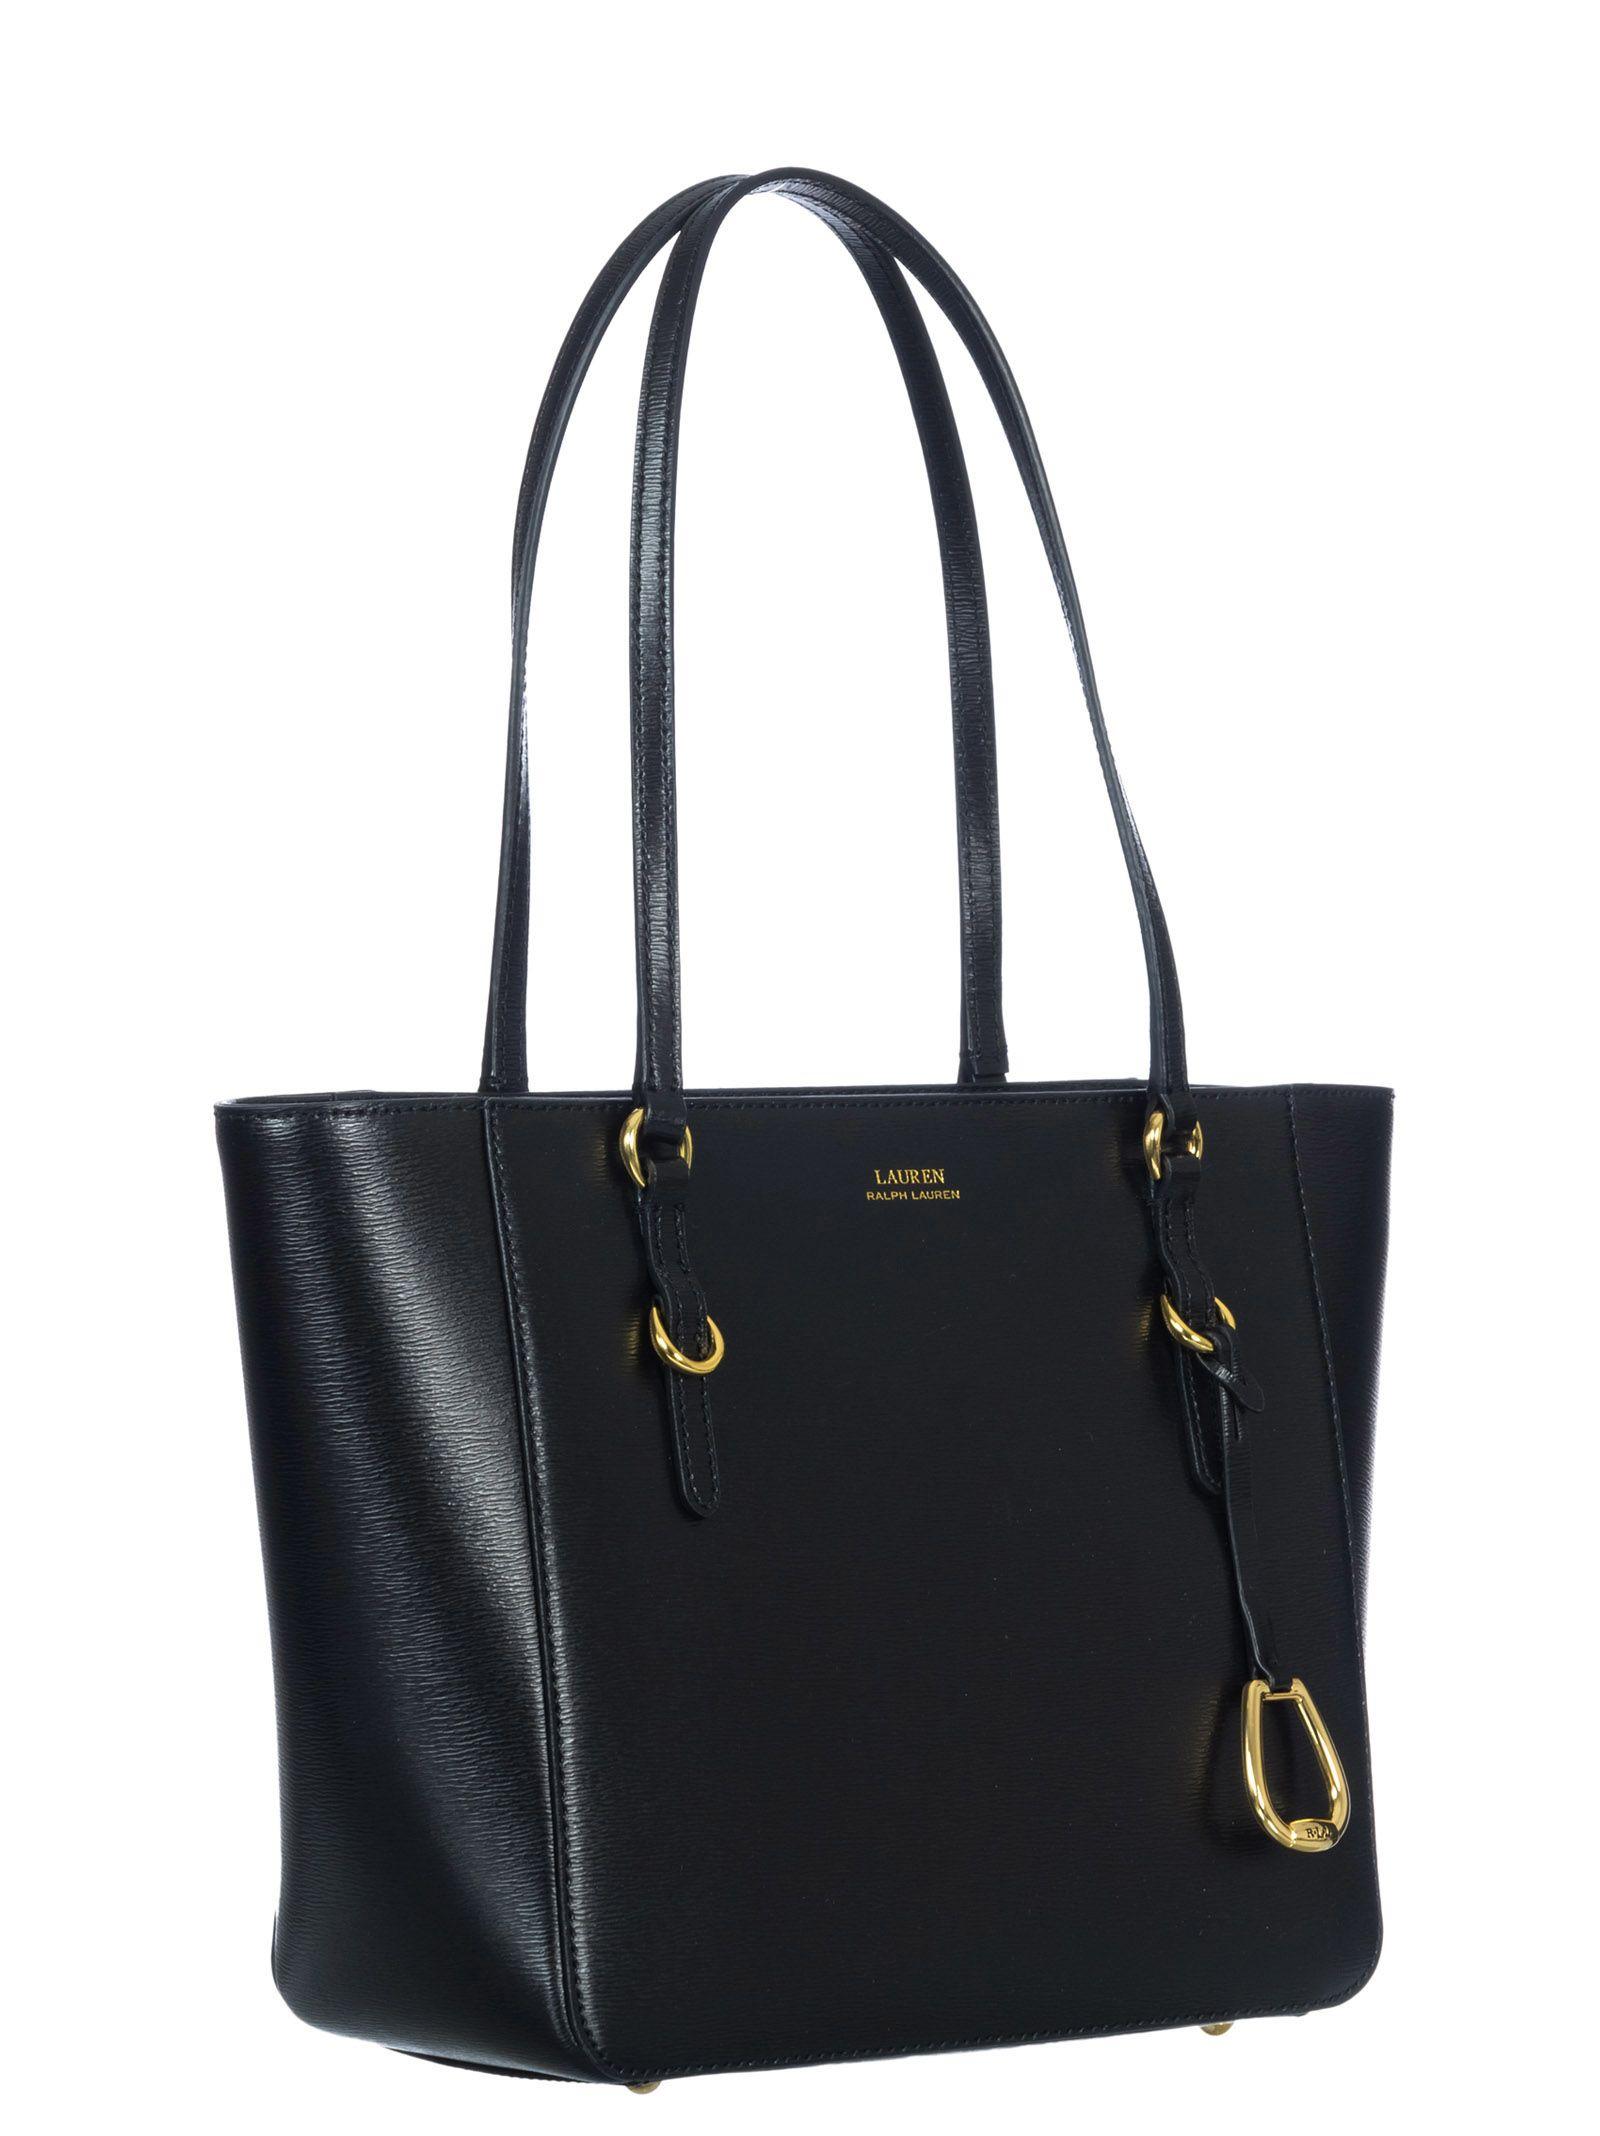 78bd48117691 Ralph Lauren Ralph Lauren Leather Tote Bag - Black - 10632164